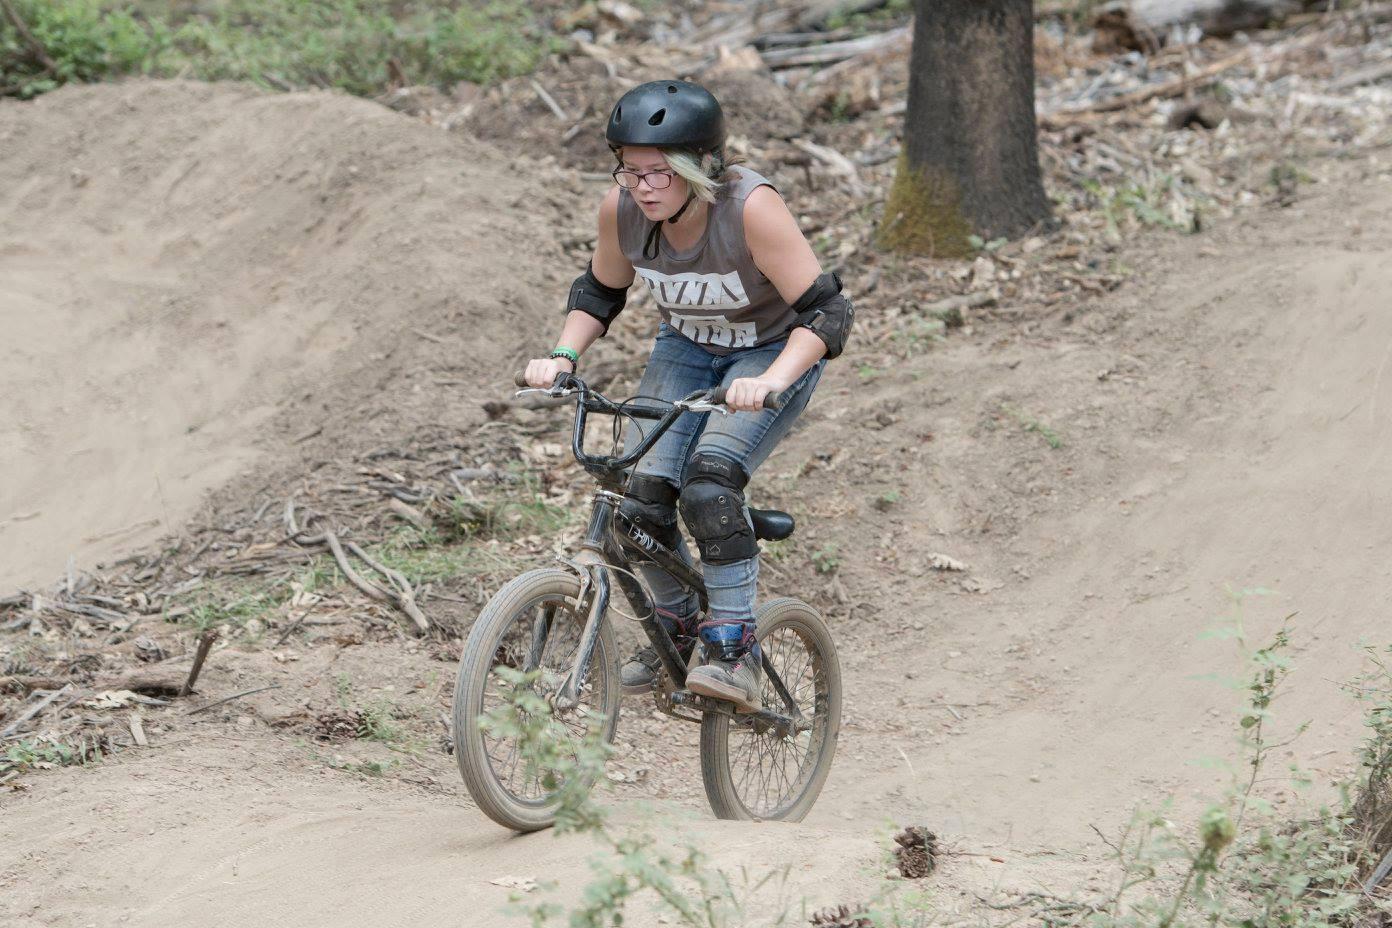 Girl on Dirt Bike